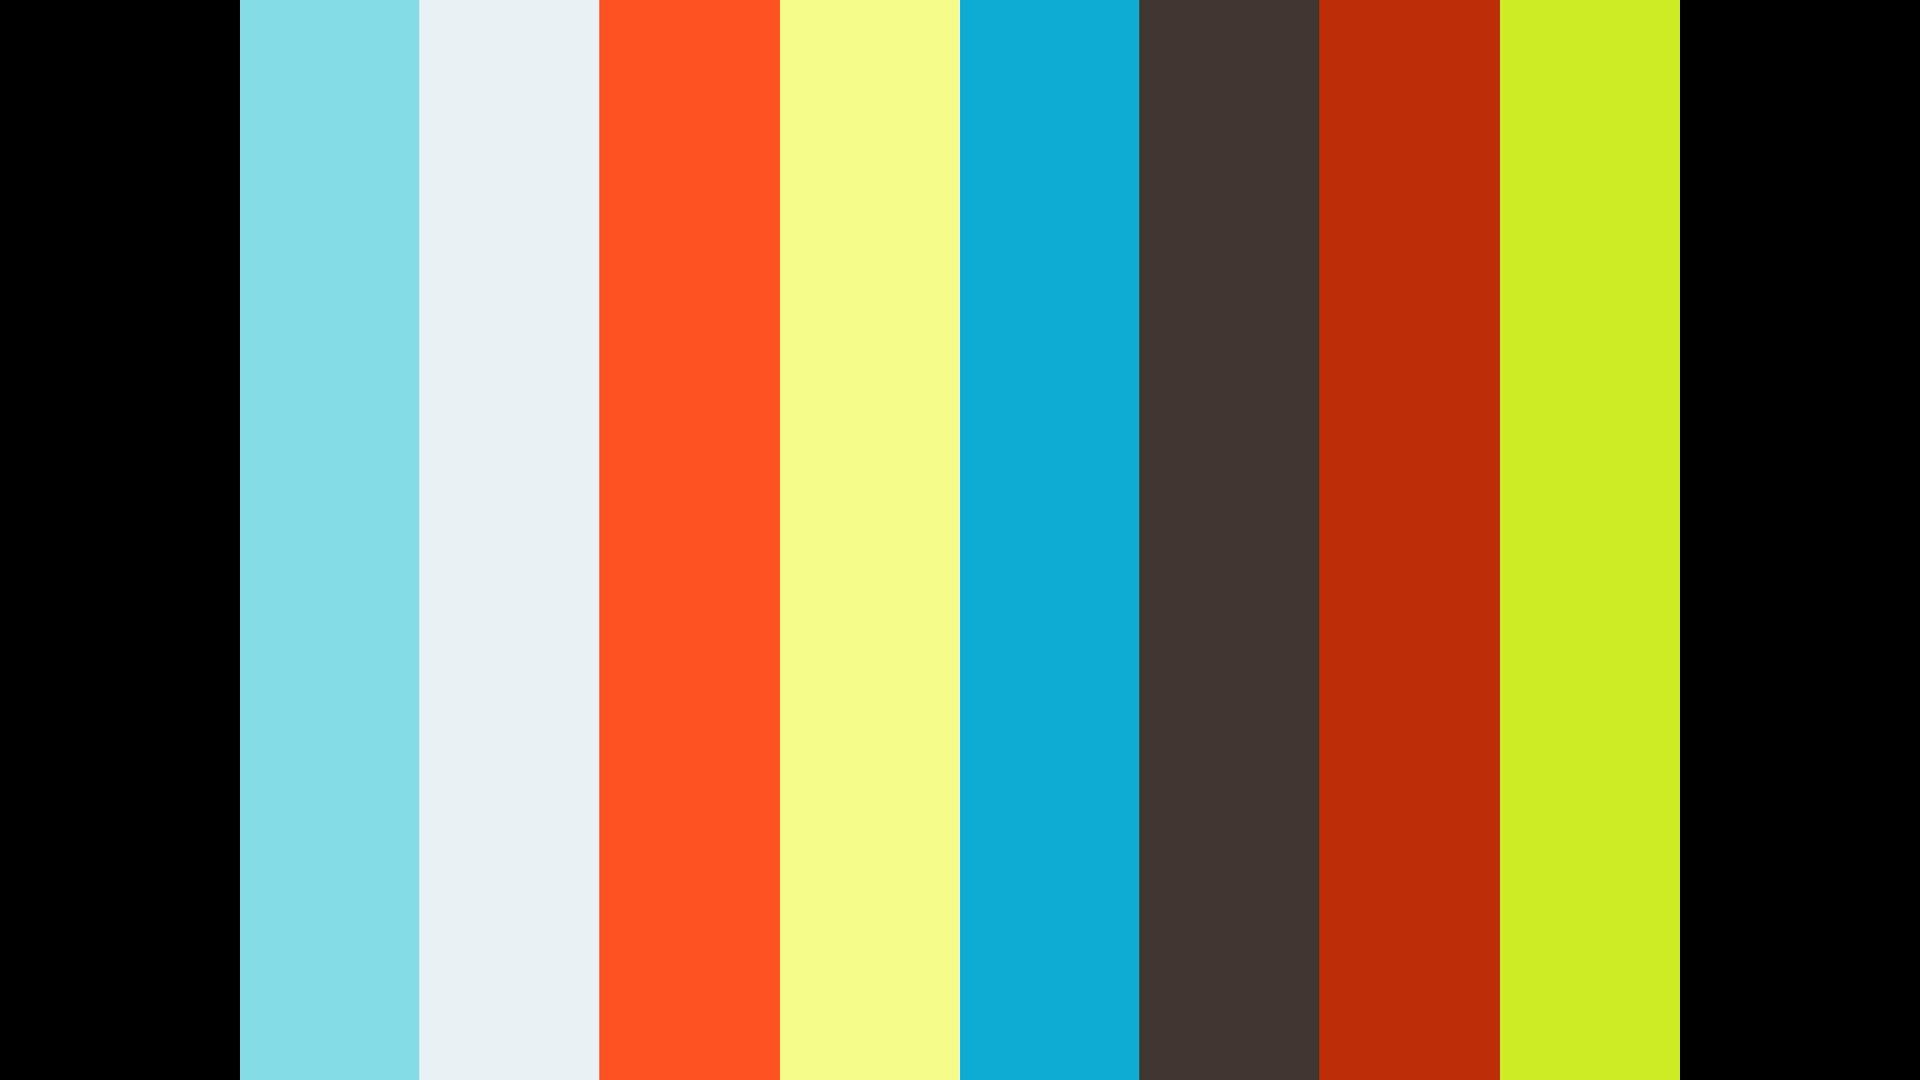 İlham Əliyev Avropanın ən populyar prezidentləri sırasında